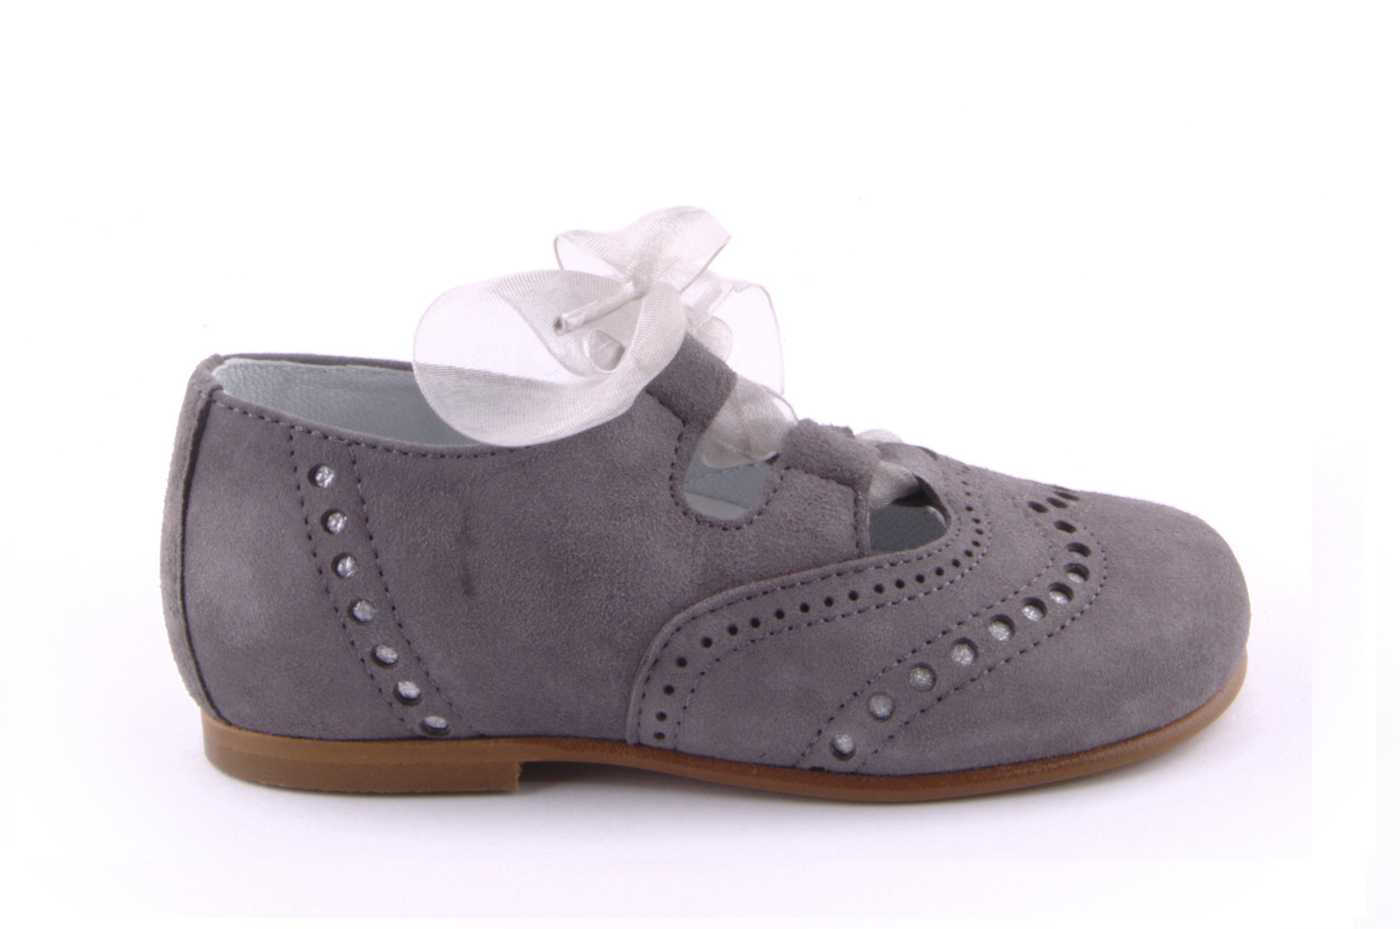 5cb90a7a3b5e0 Comprar zapato tipo JOVEN NIÑA estilo INGLES COLOR GRIS ANTE ...